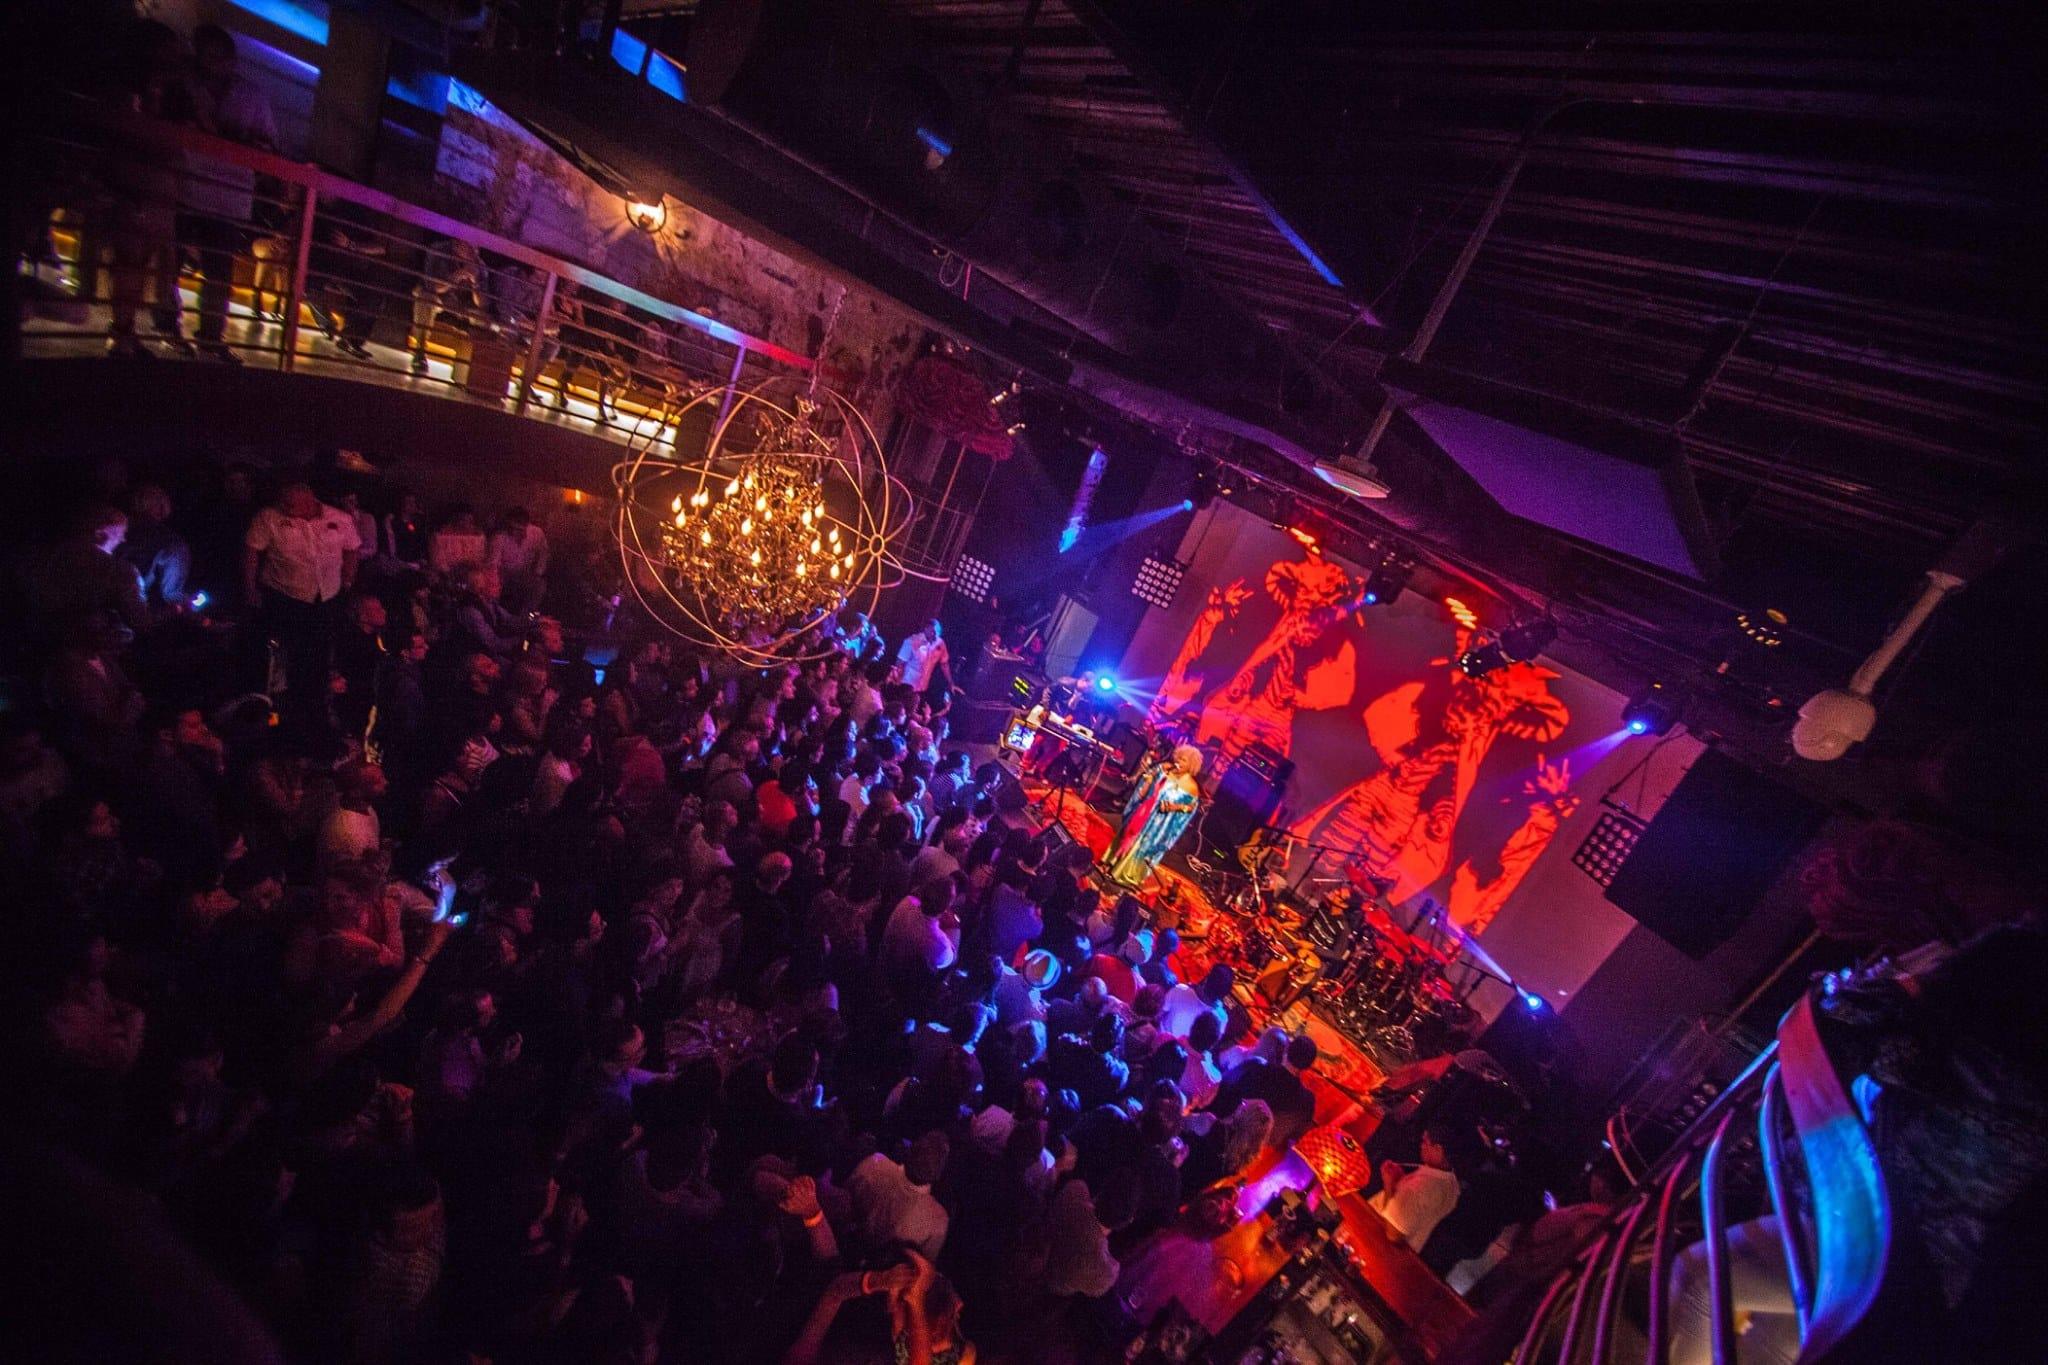 zona principal del club nocturno teatro amador con escenario